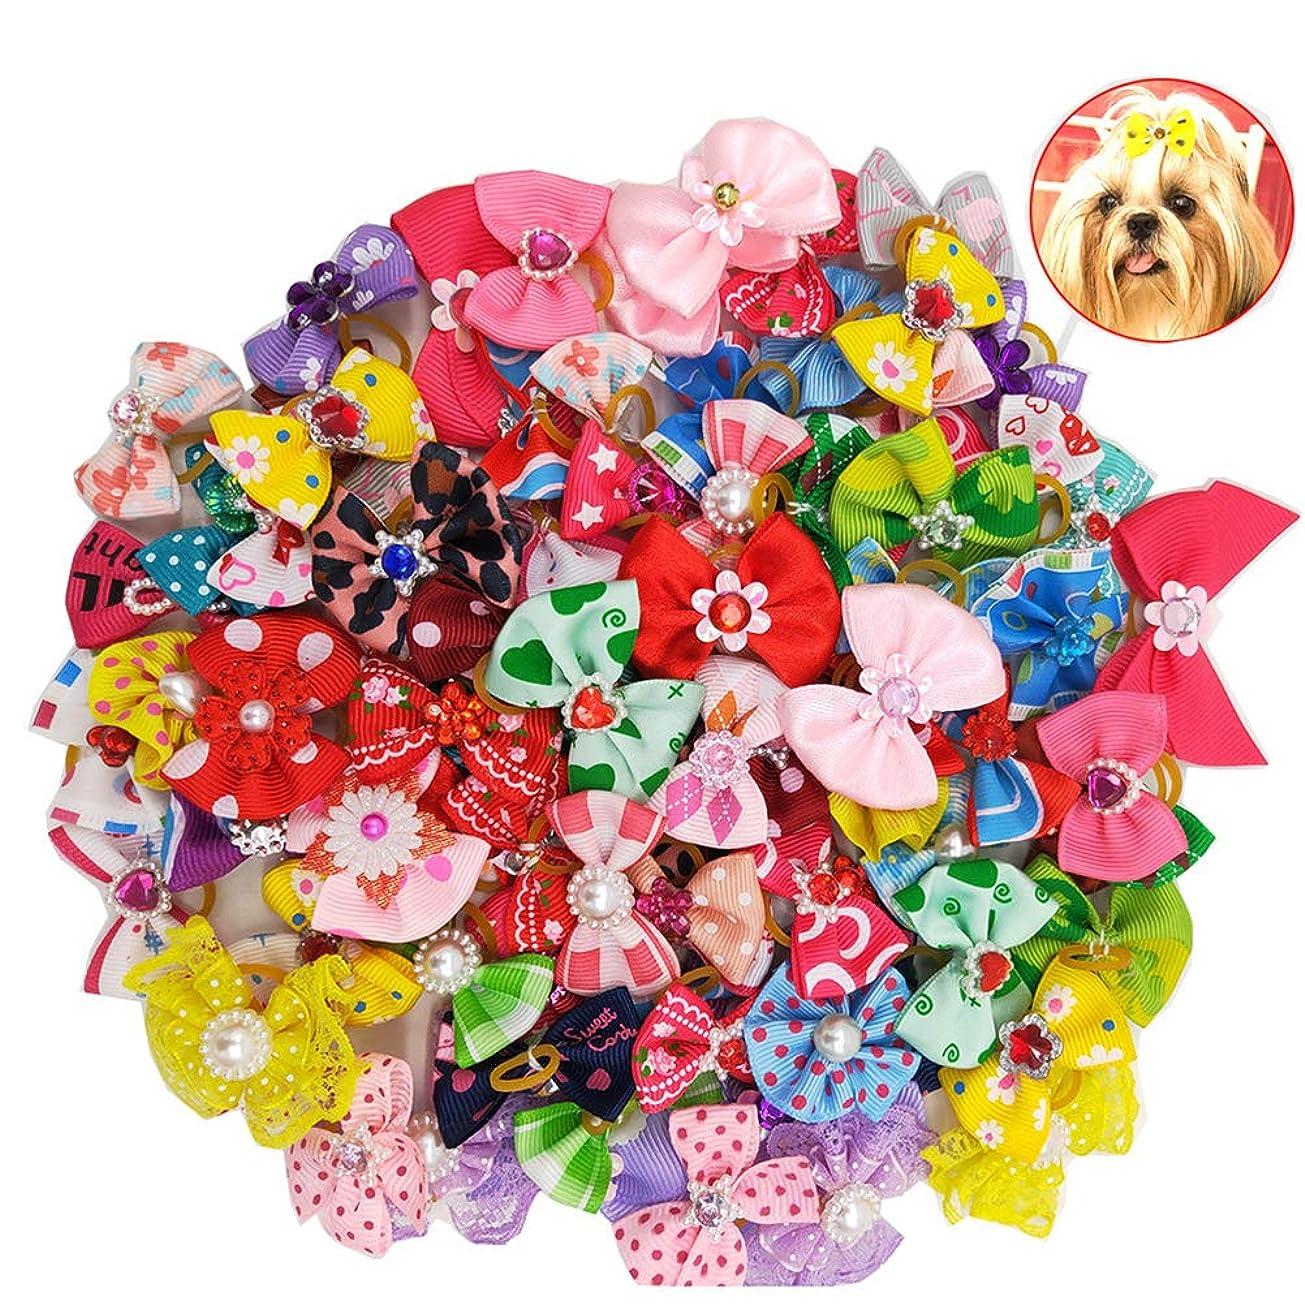 統計的不名誉な崩壊Balacoo 50個入り多色犬の髪の弓とゴムバンド弾性髪のバンドちょう結び帽子の帽子猫の犬のための(混合色)